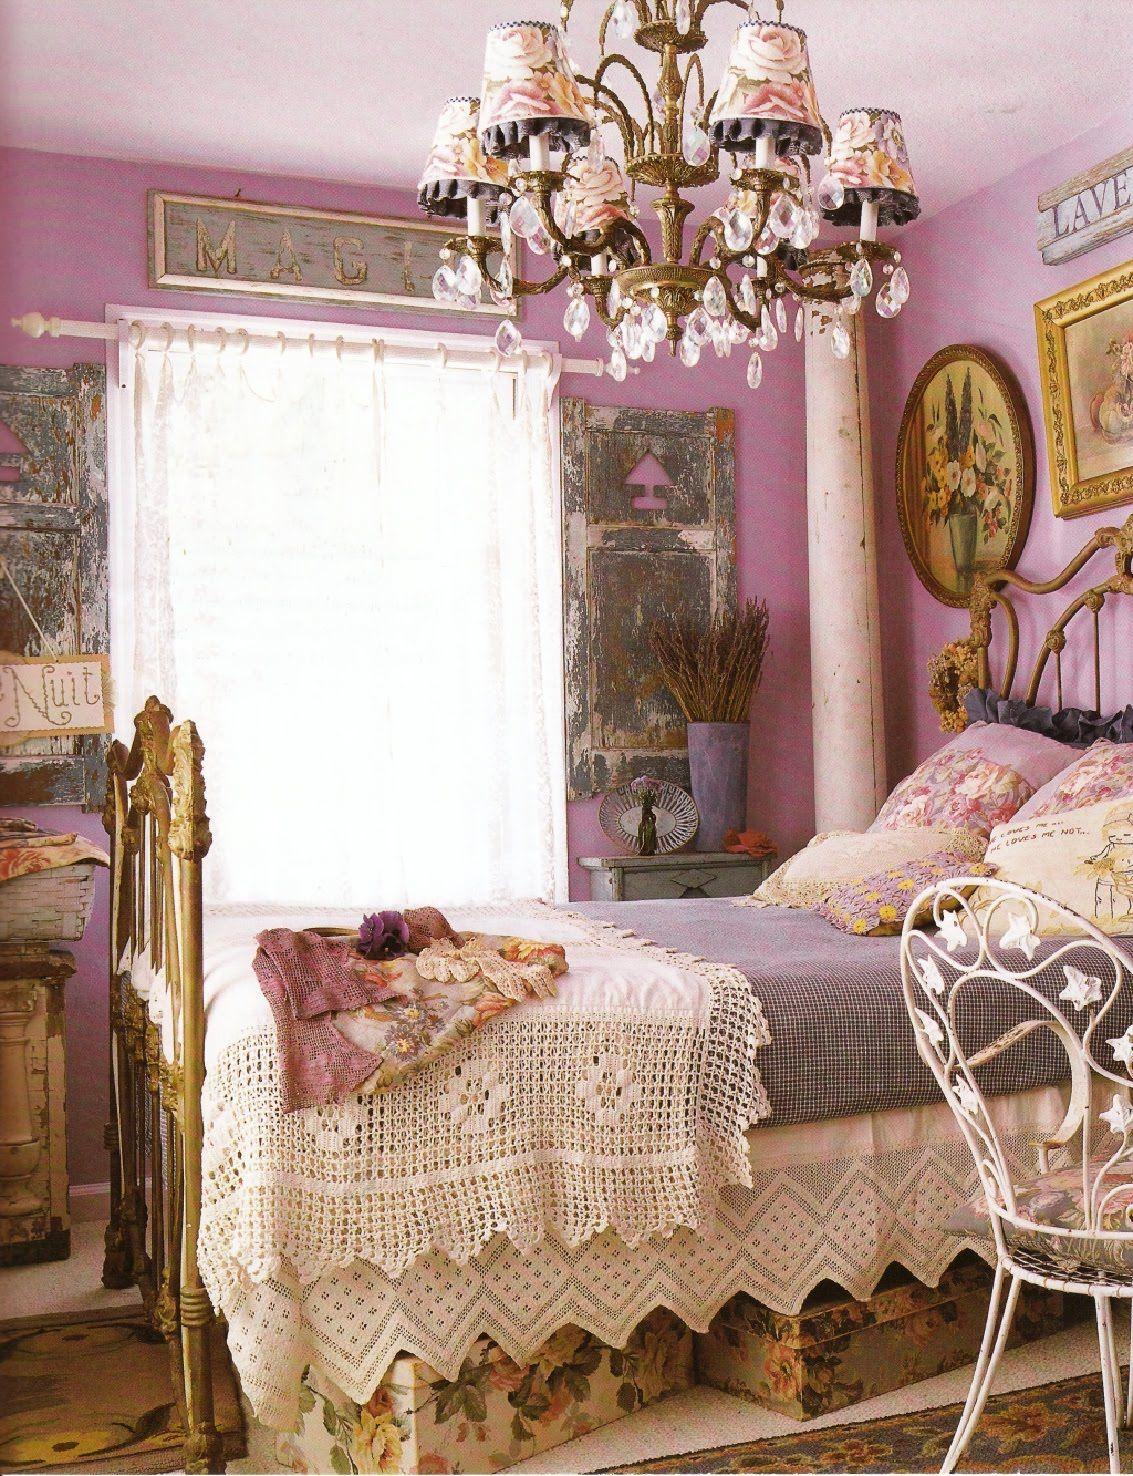 Pin von Winifred Andre auf BOHEMIAN Interiors/Decor | Pinterest ...